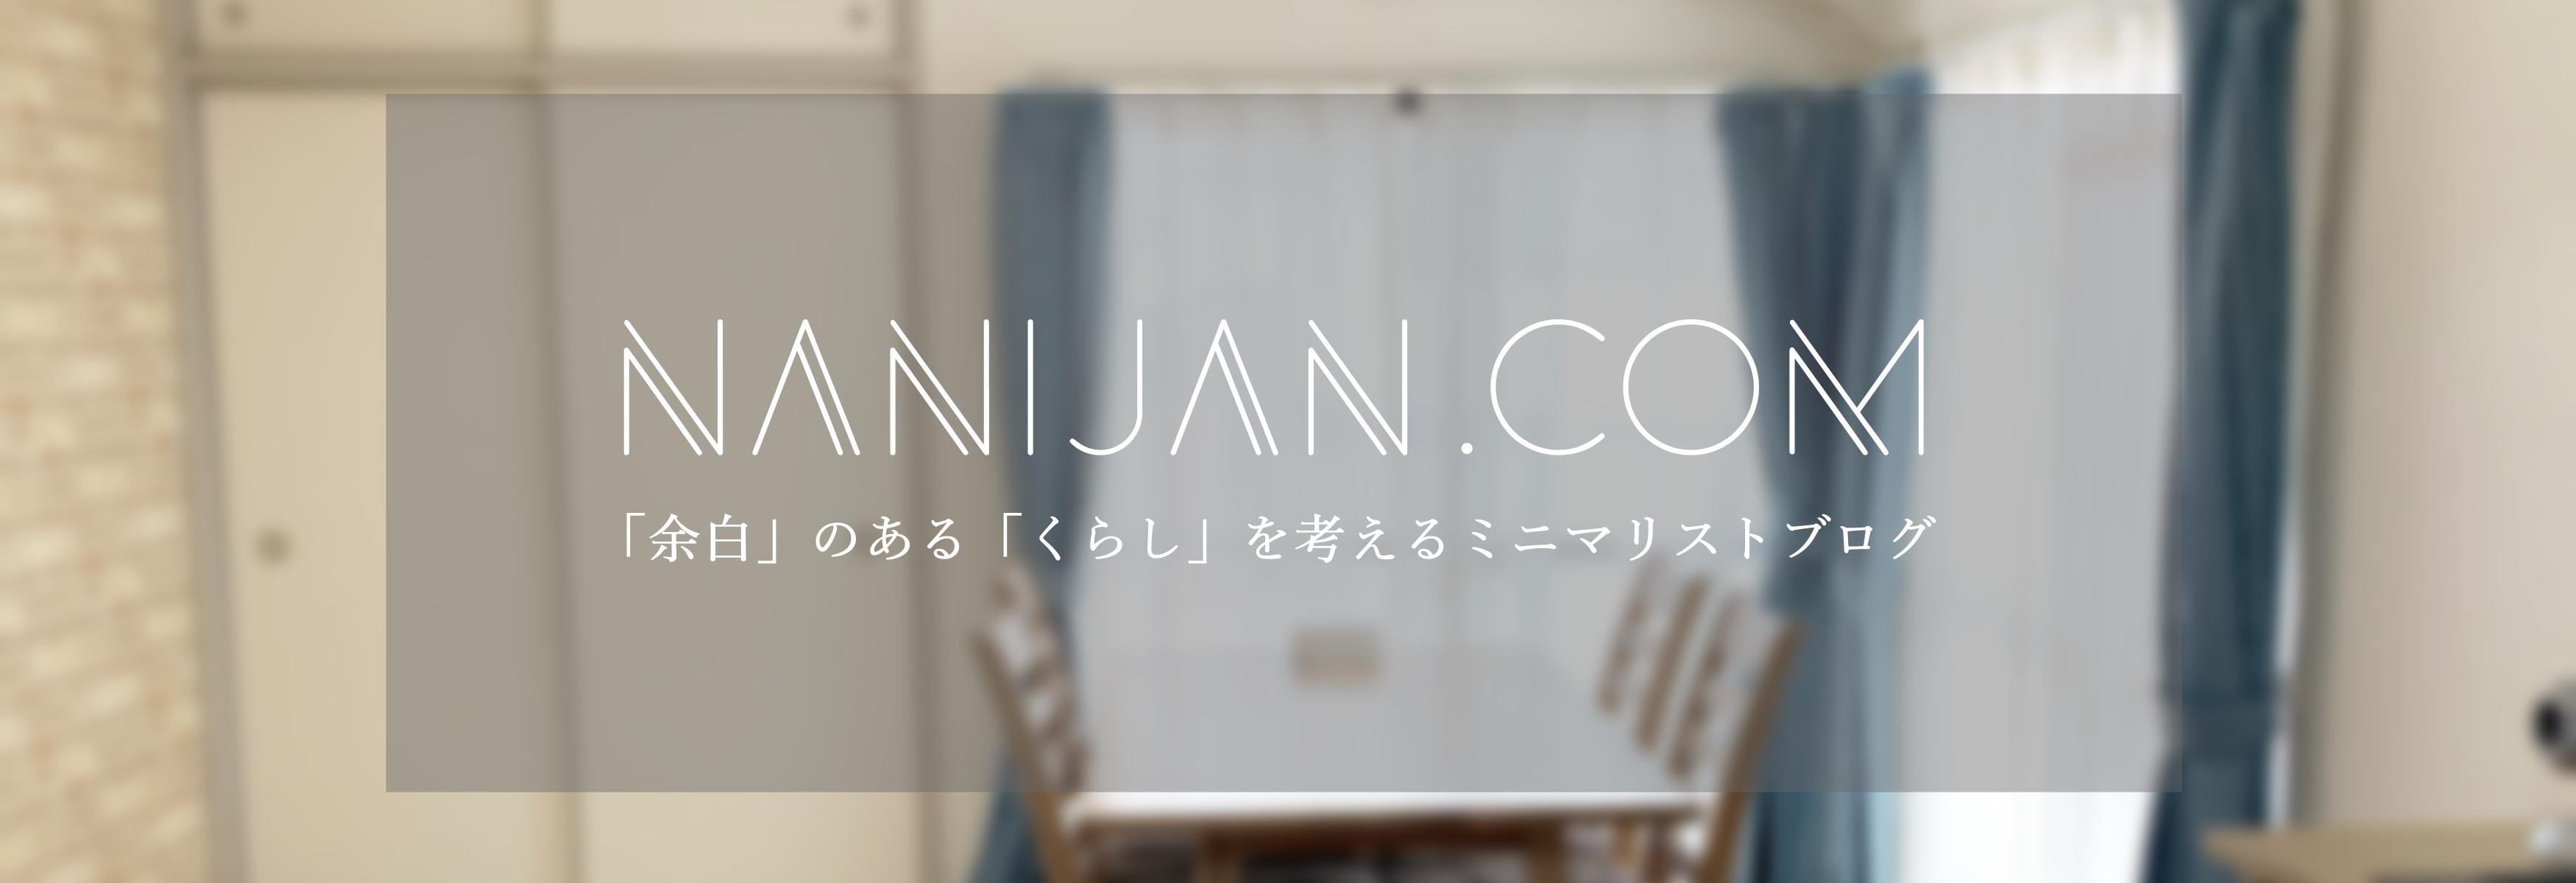 nani-jan.com | 「余白」のある「くらし」を考えるミニマリストブログ